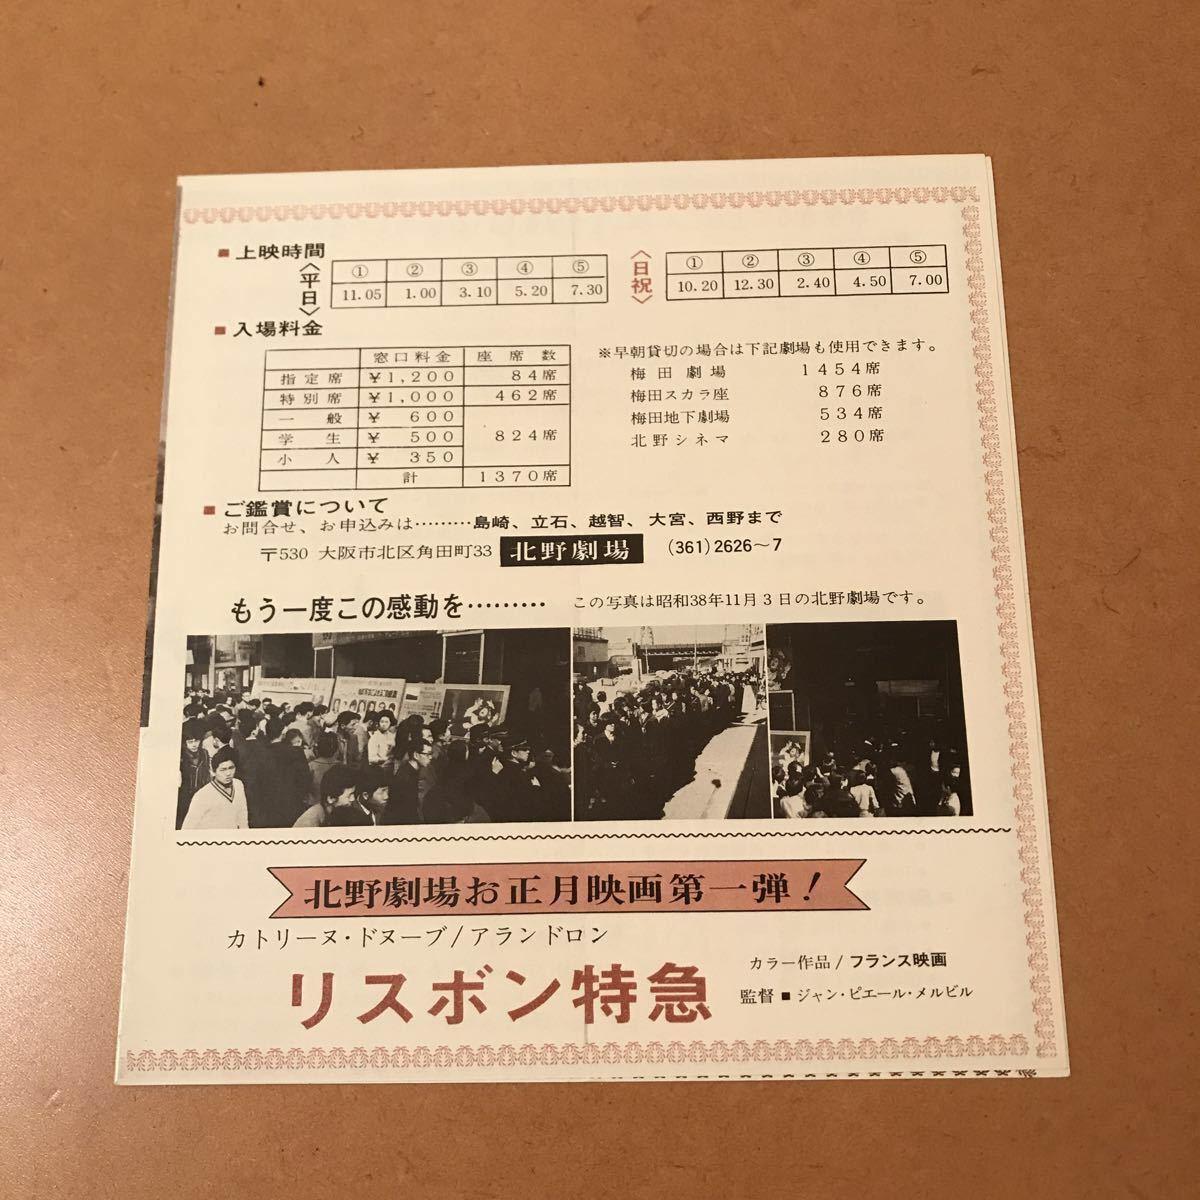 【希少/映画チラシ】『奇跡の人』1963年初公開作品 リバイバル上映時チラシ 通常カラーチラシ&2枚折り四角チラシ 2枚セット _画像3